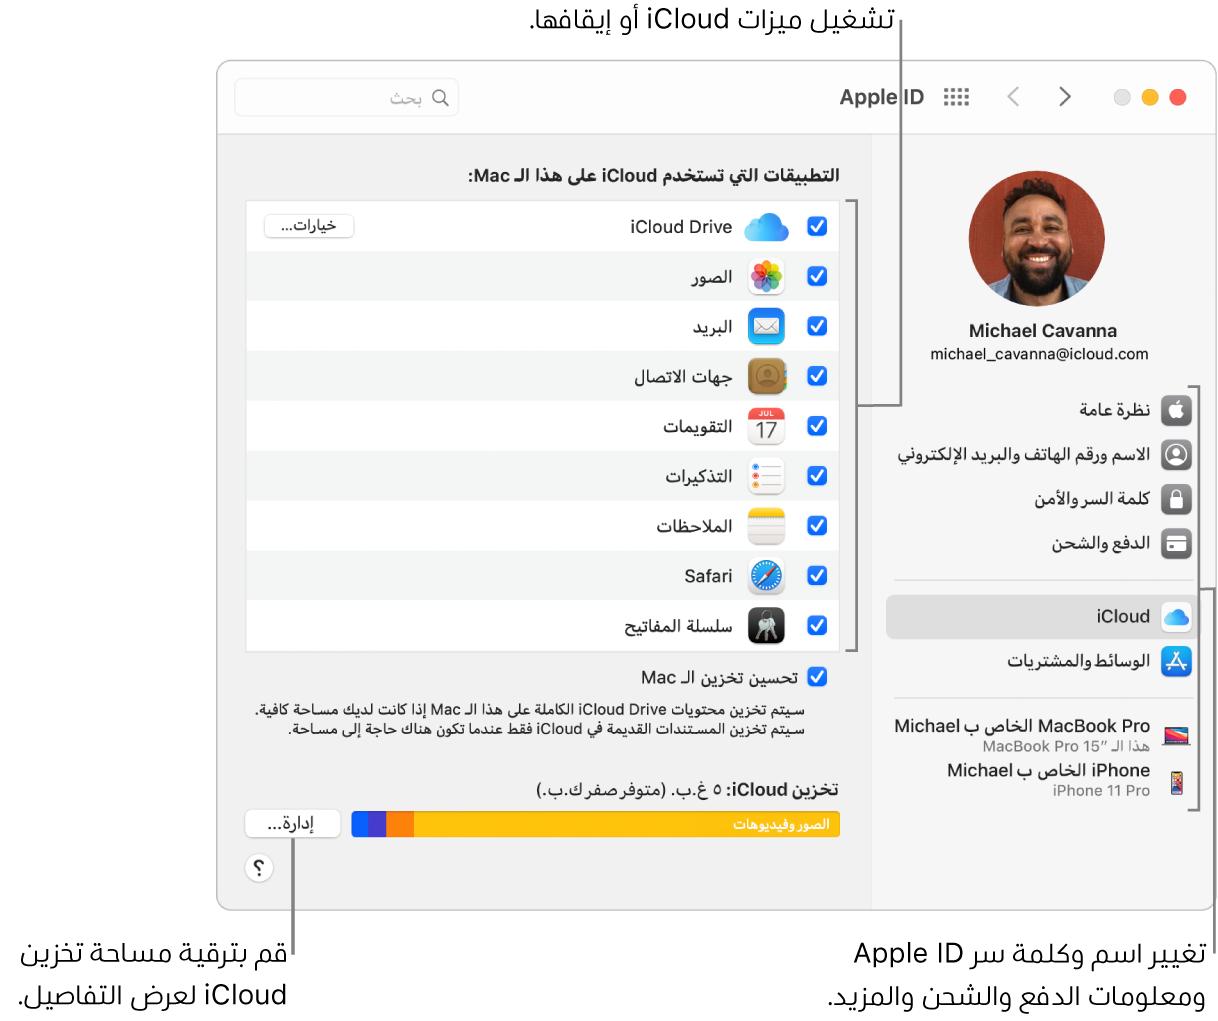 تفضيلات iCloud مع تحديد جميع الميزات.